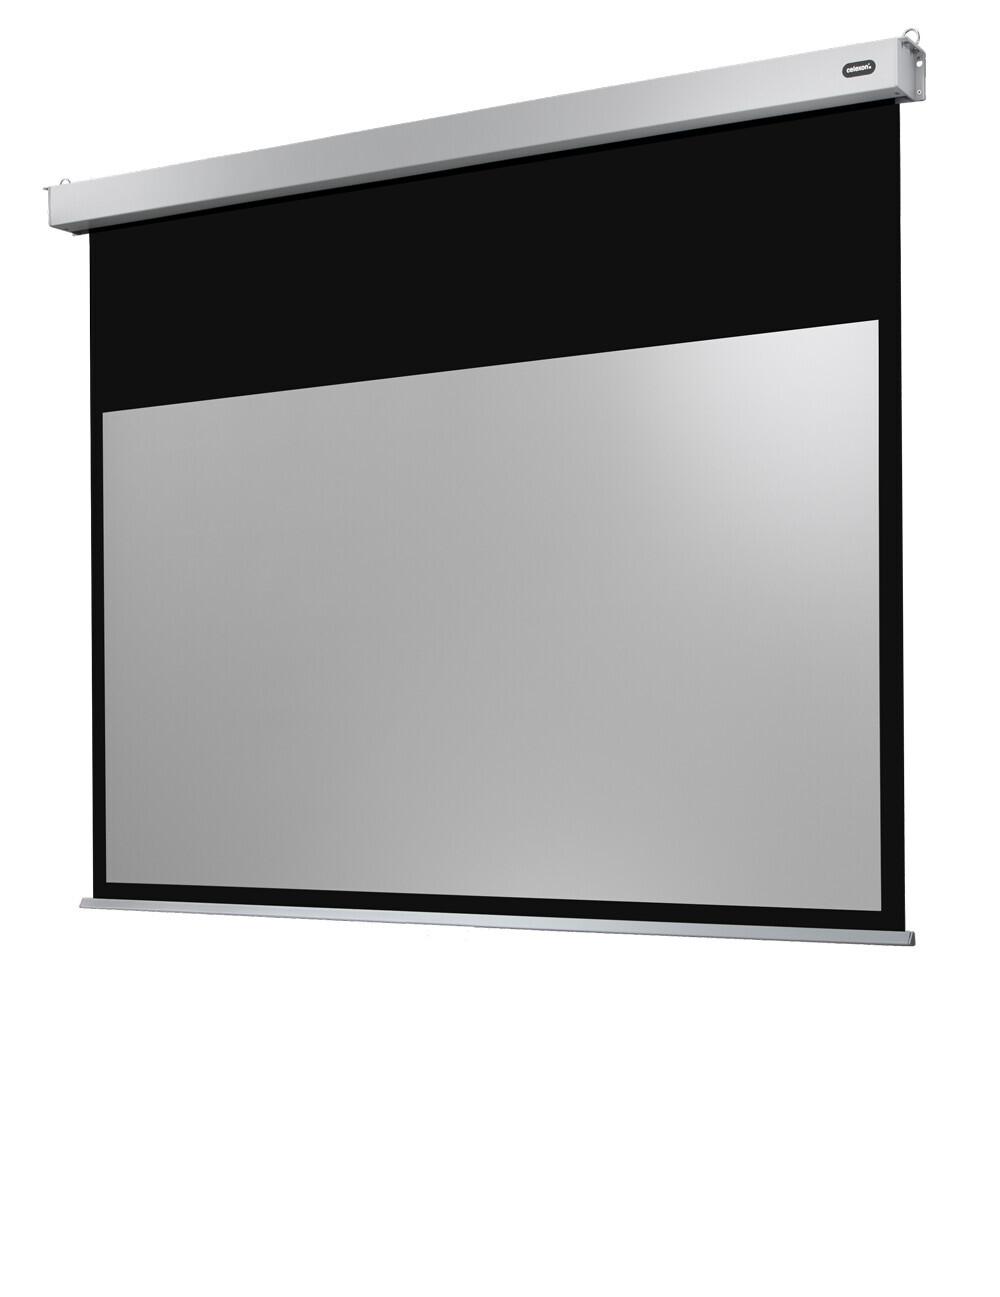 Ecran de projection celexon Motorisé PRO PLUS 280 x 158cm